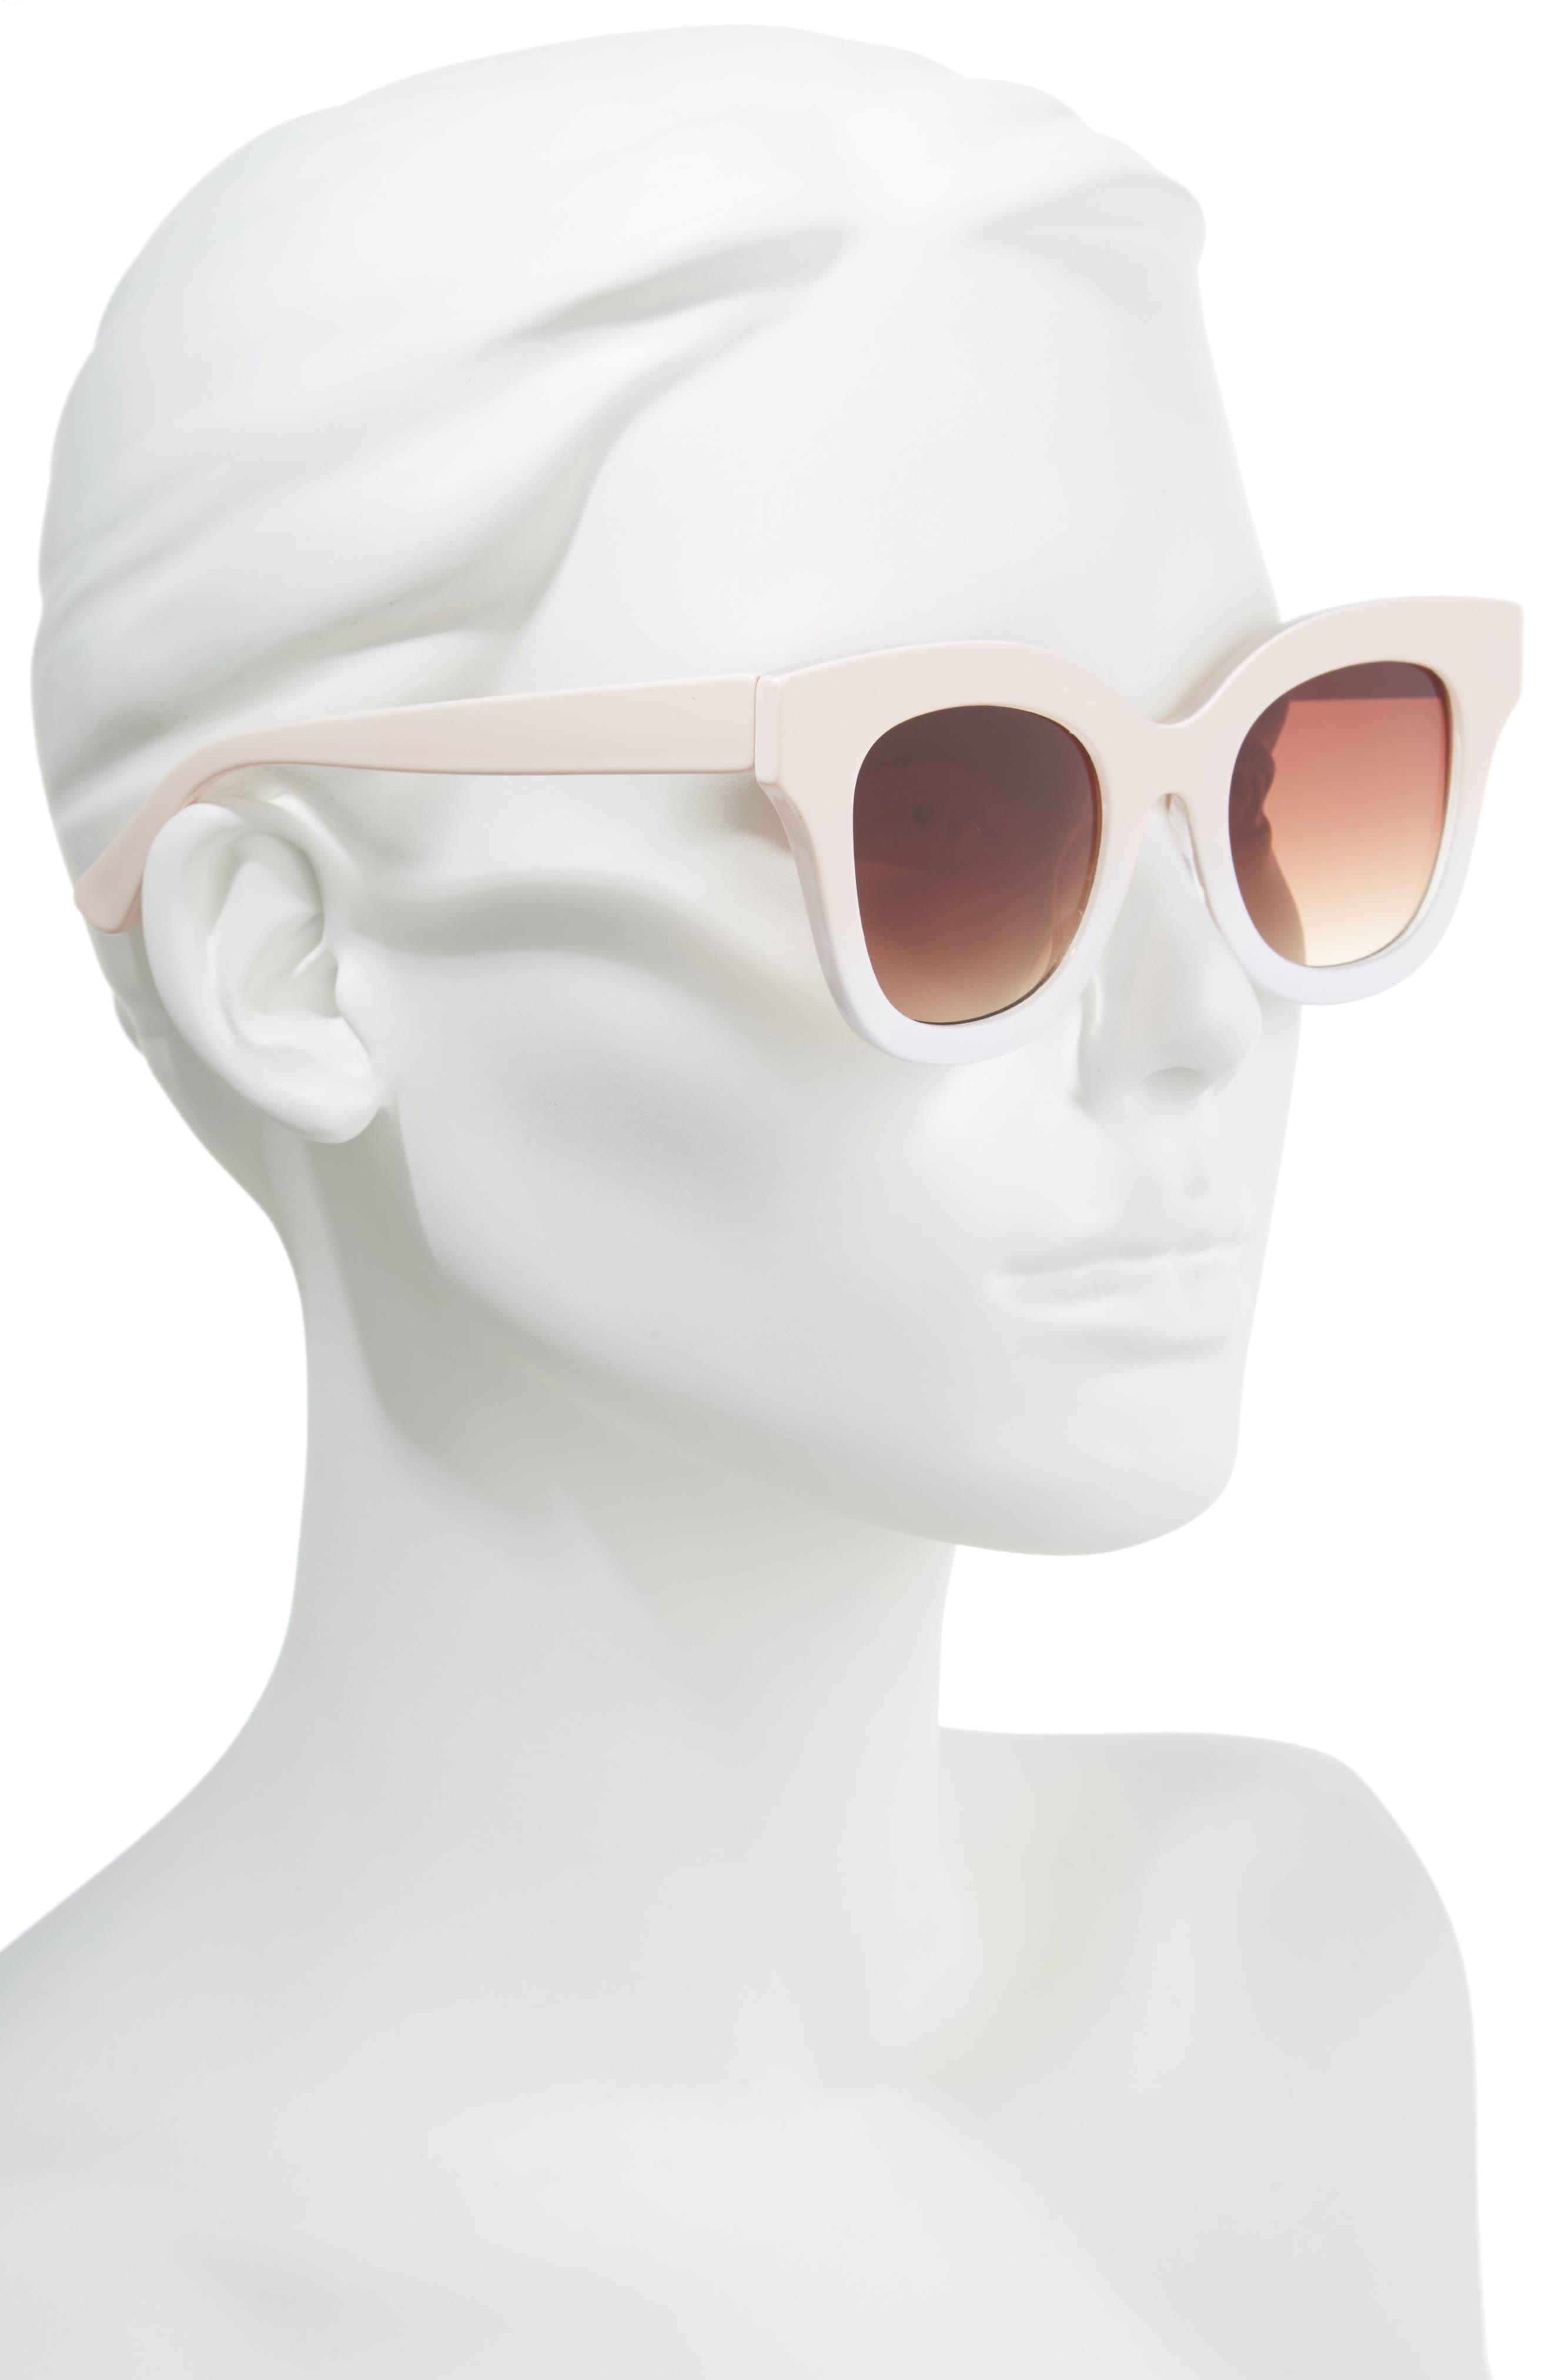 50mm Ombré Square Sunglasses,                             Alternate thumbnail 2, color,                             Pink